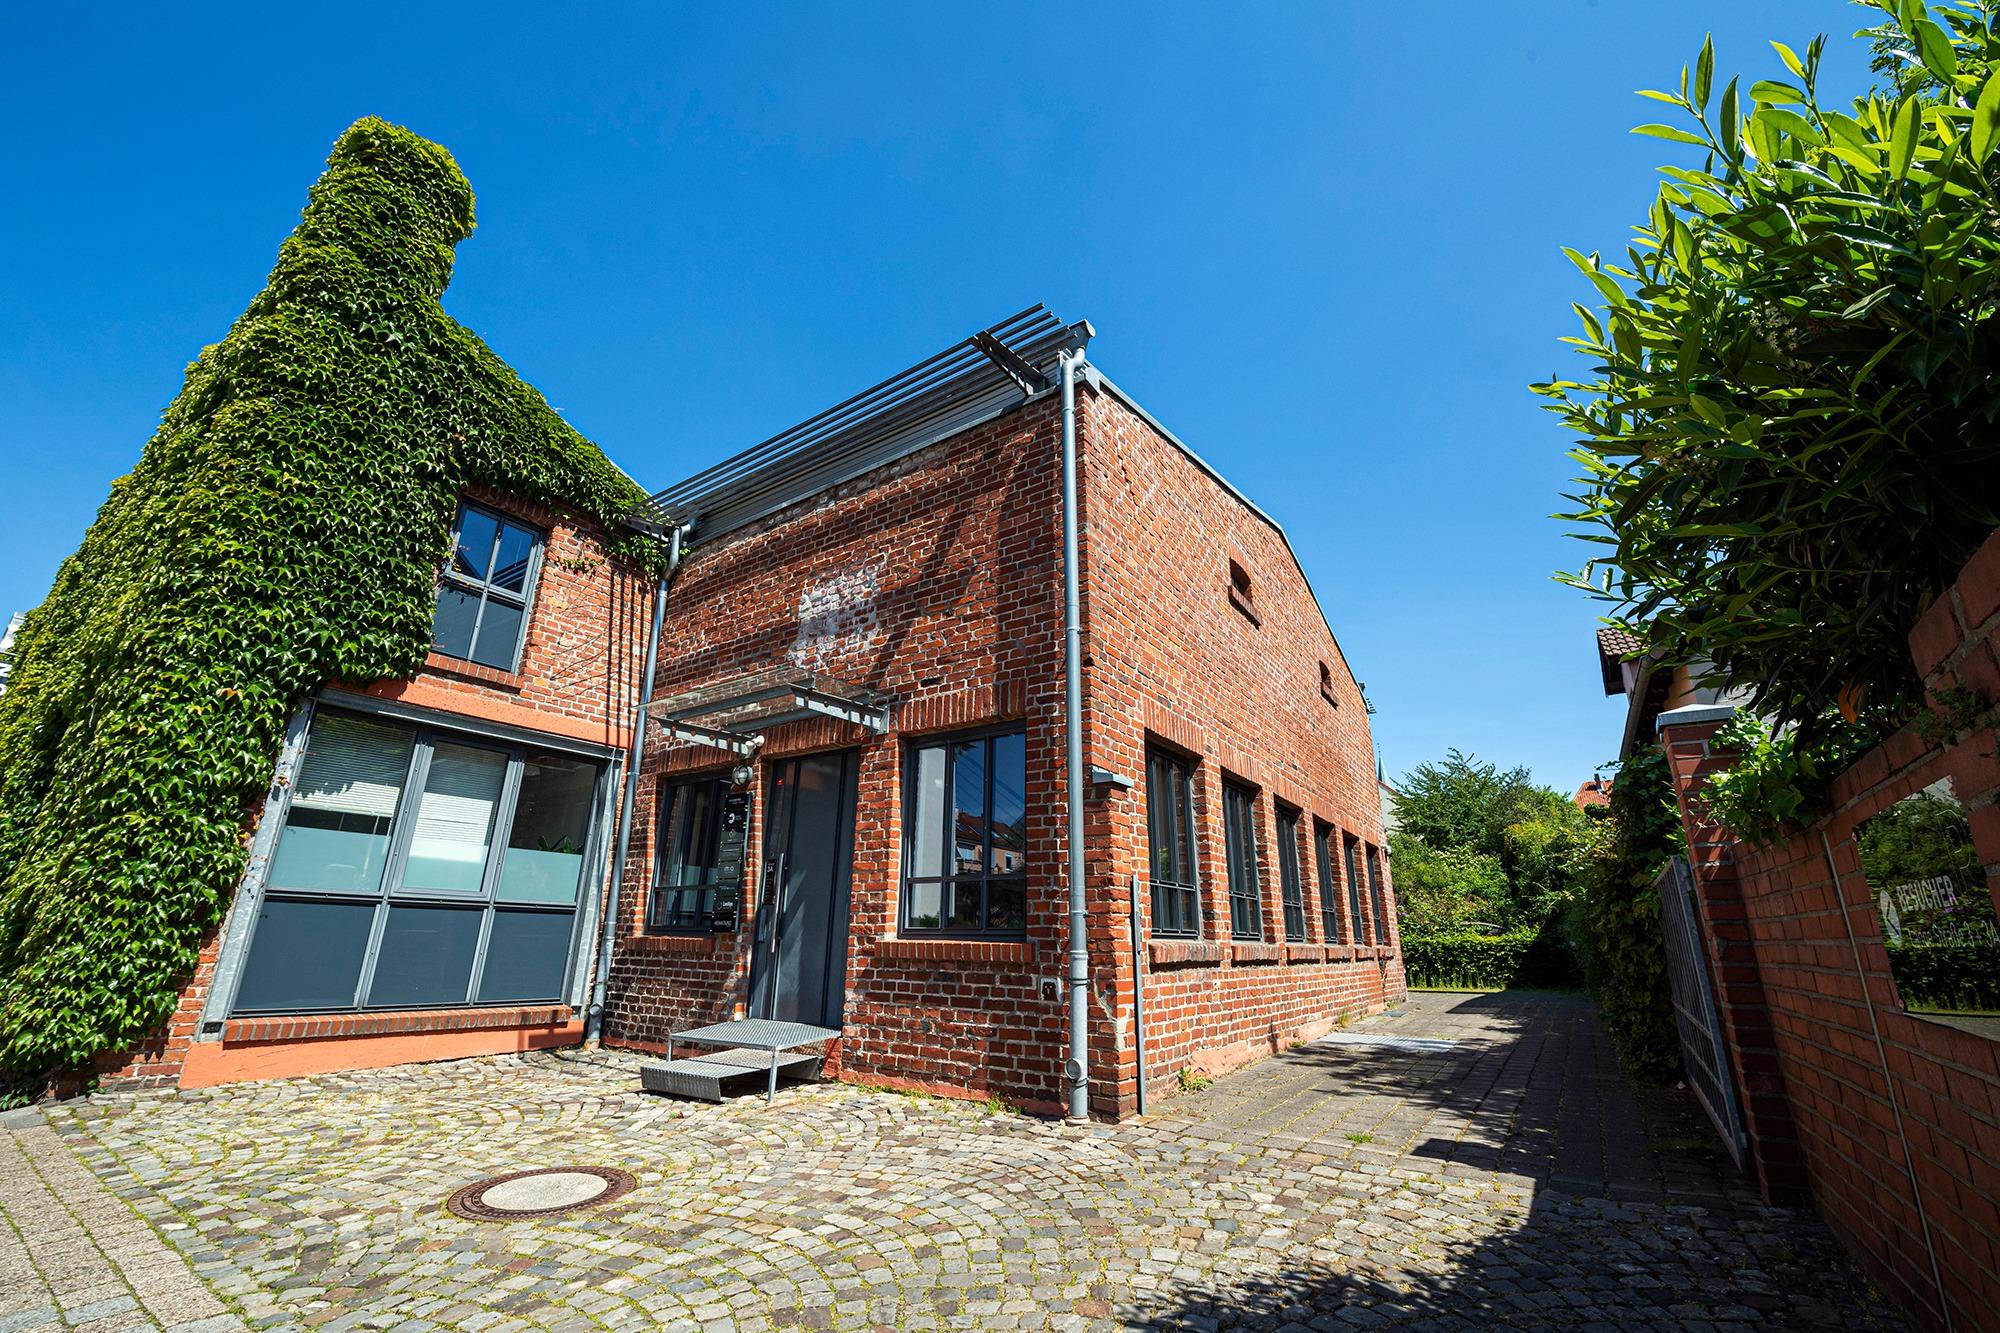 Studio dos, Grafikdesign Osnabrück, Das Büro, Außenansicht des Eingangs mit berankter Hauswand, Lange Straße 3a, 49080 Osnabrück